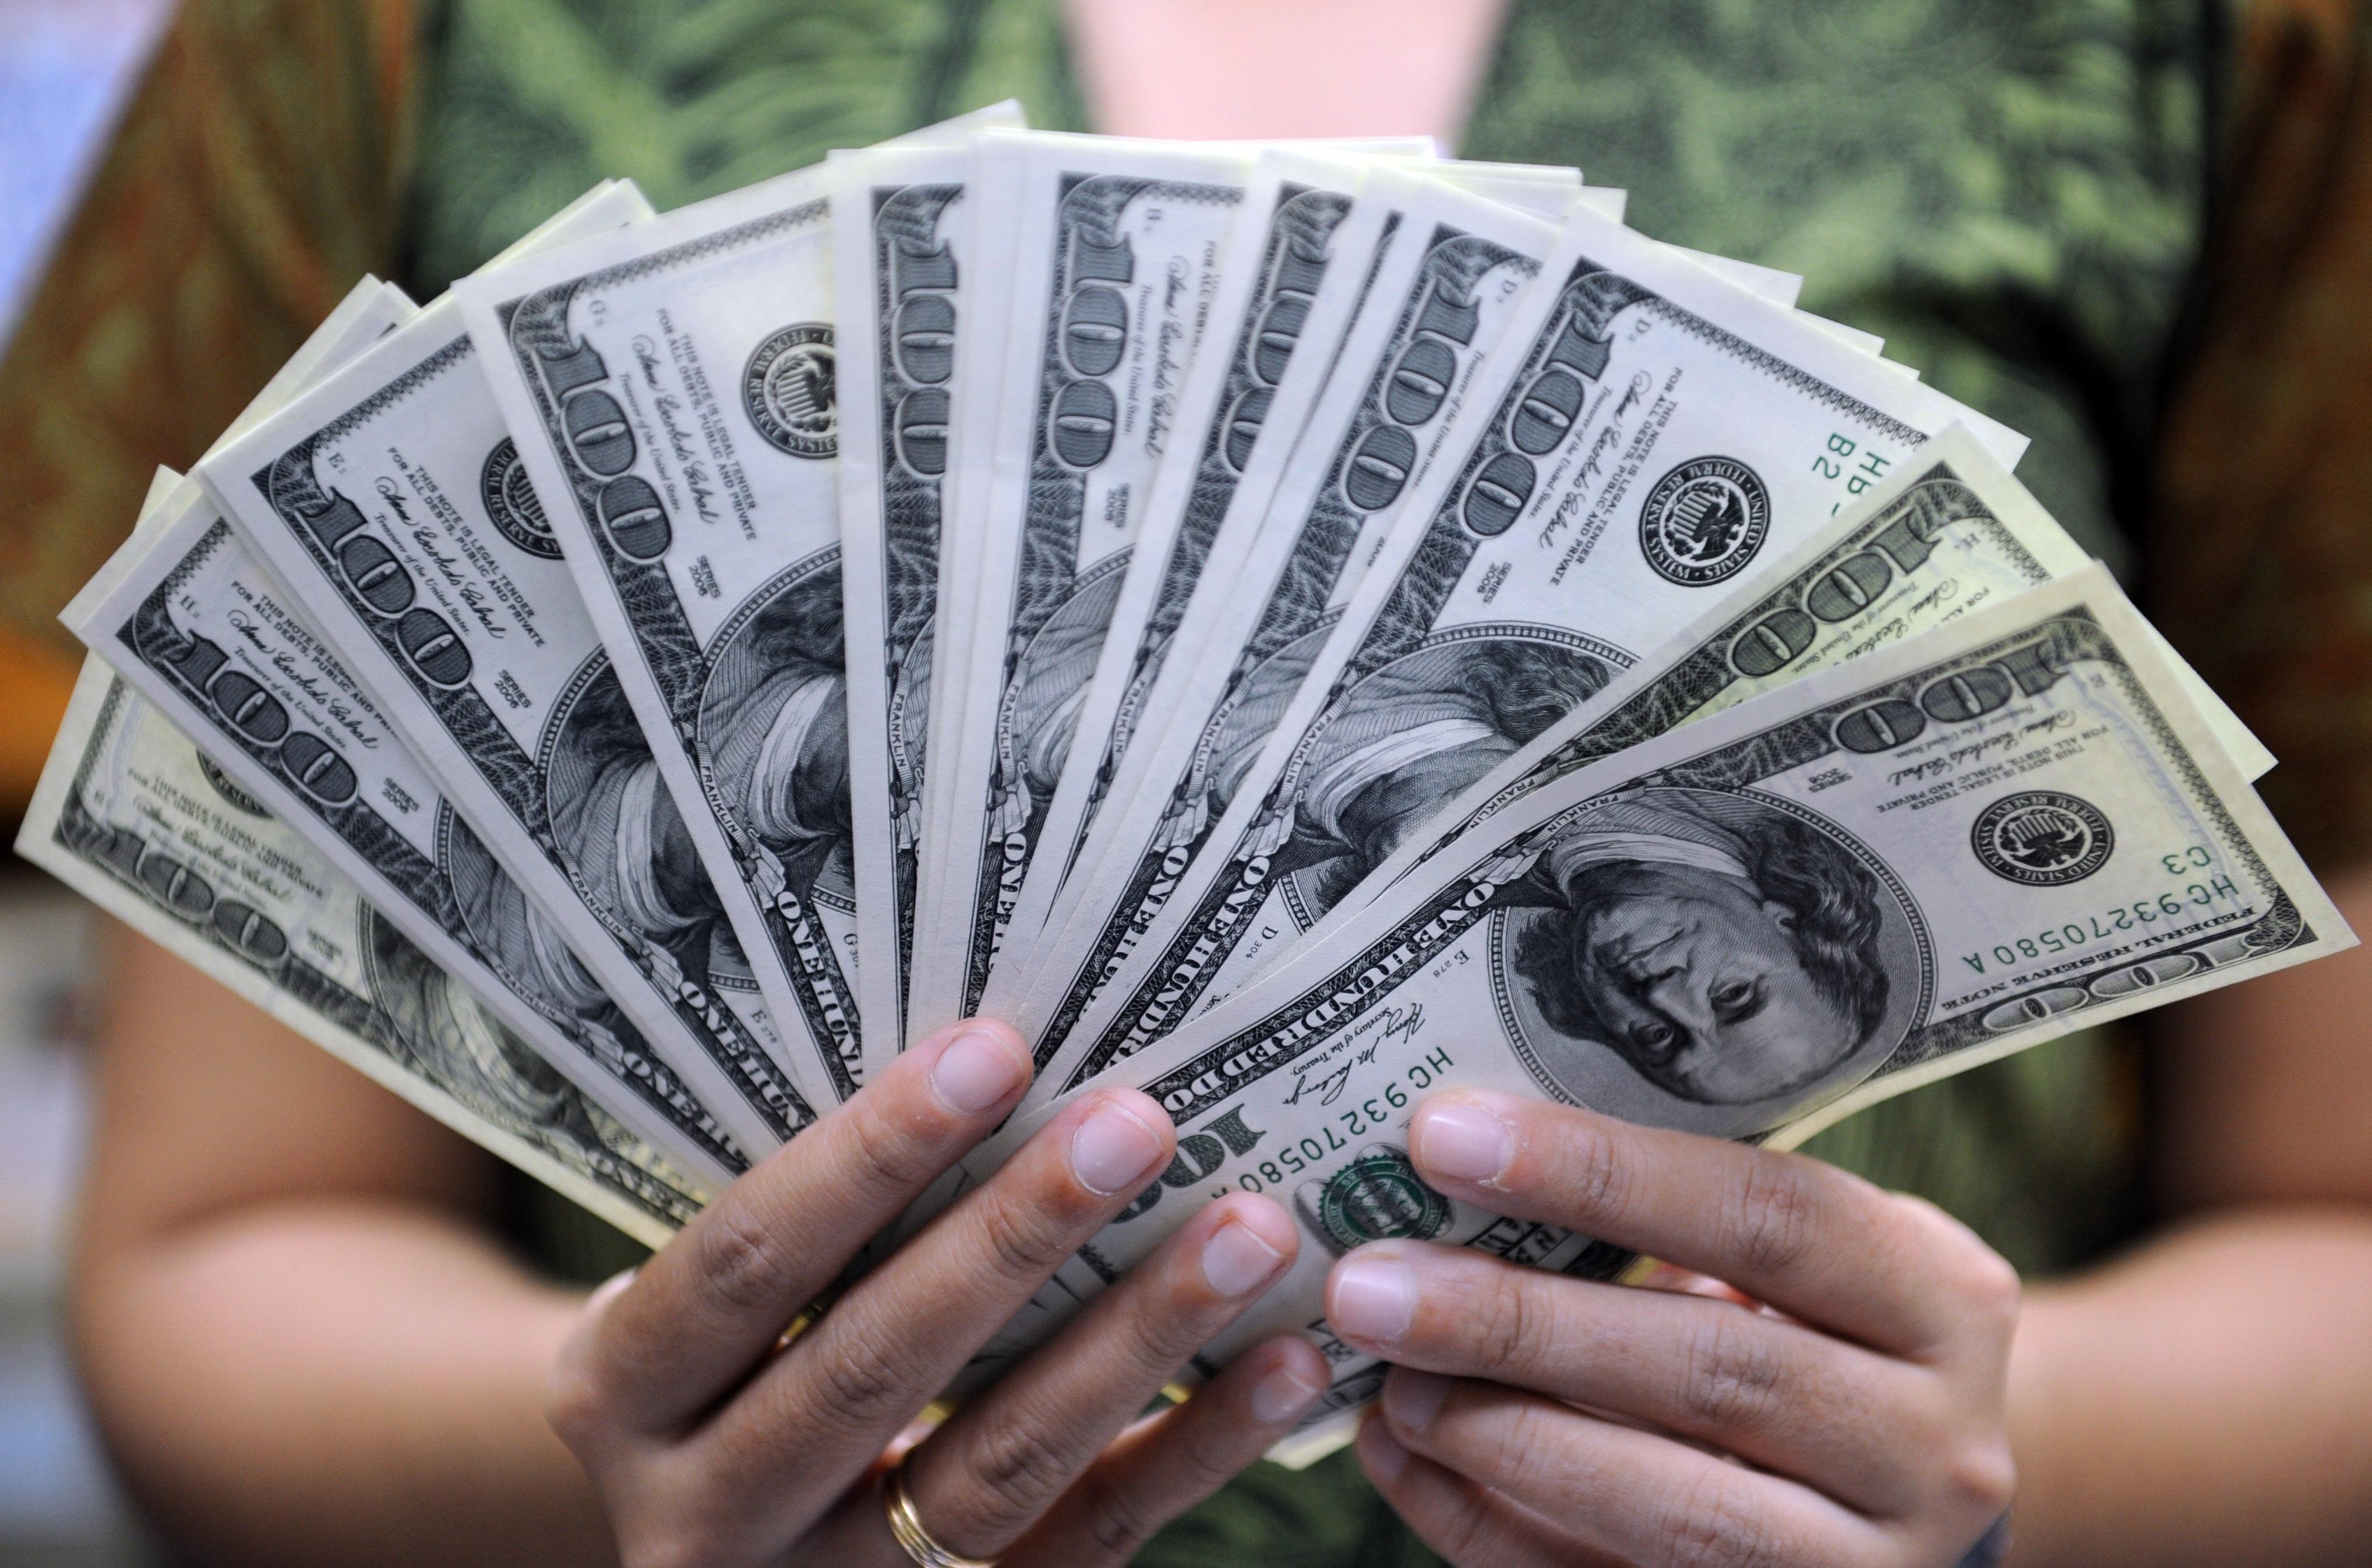 """الأونروا: صرف مبلغ 150 دولار للعائلات التي تحمل """"الكابونة"""" الصفراء"""